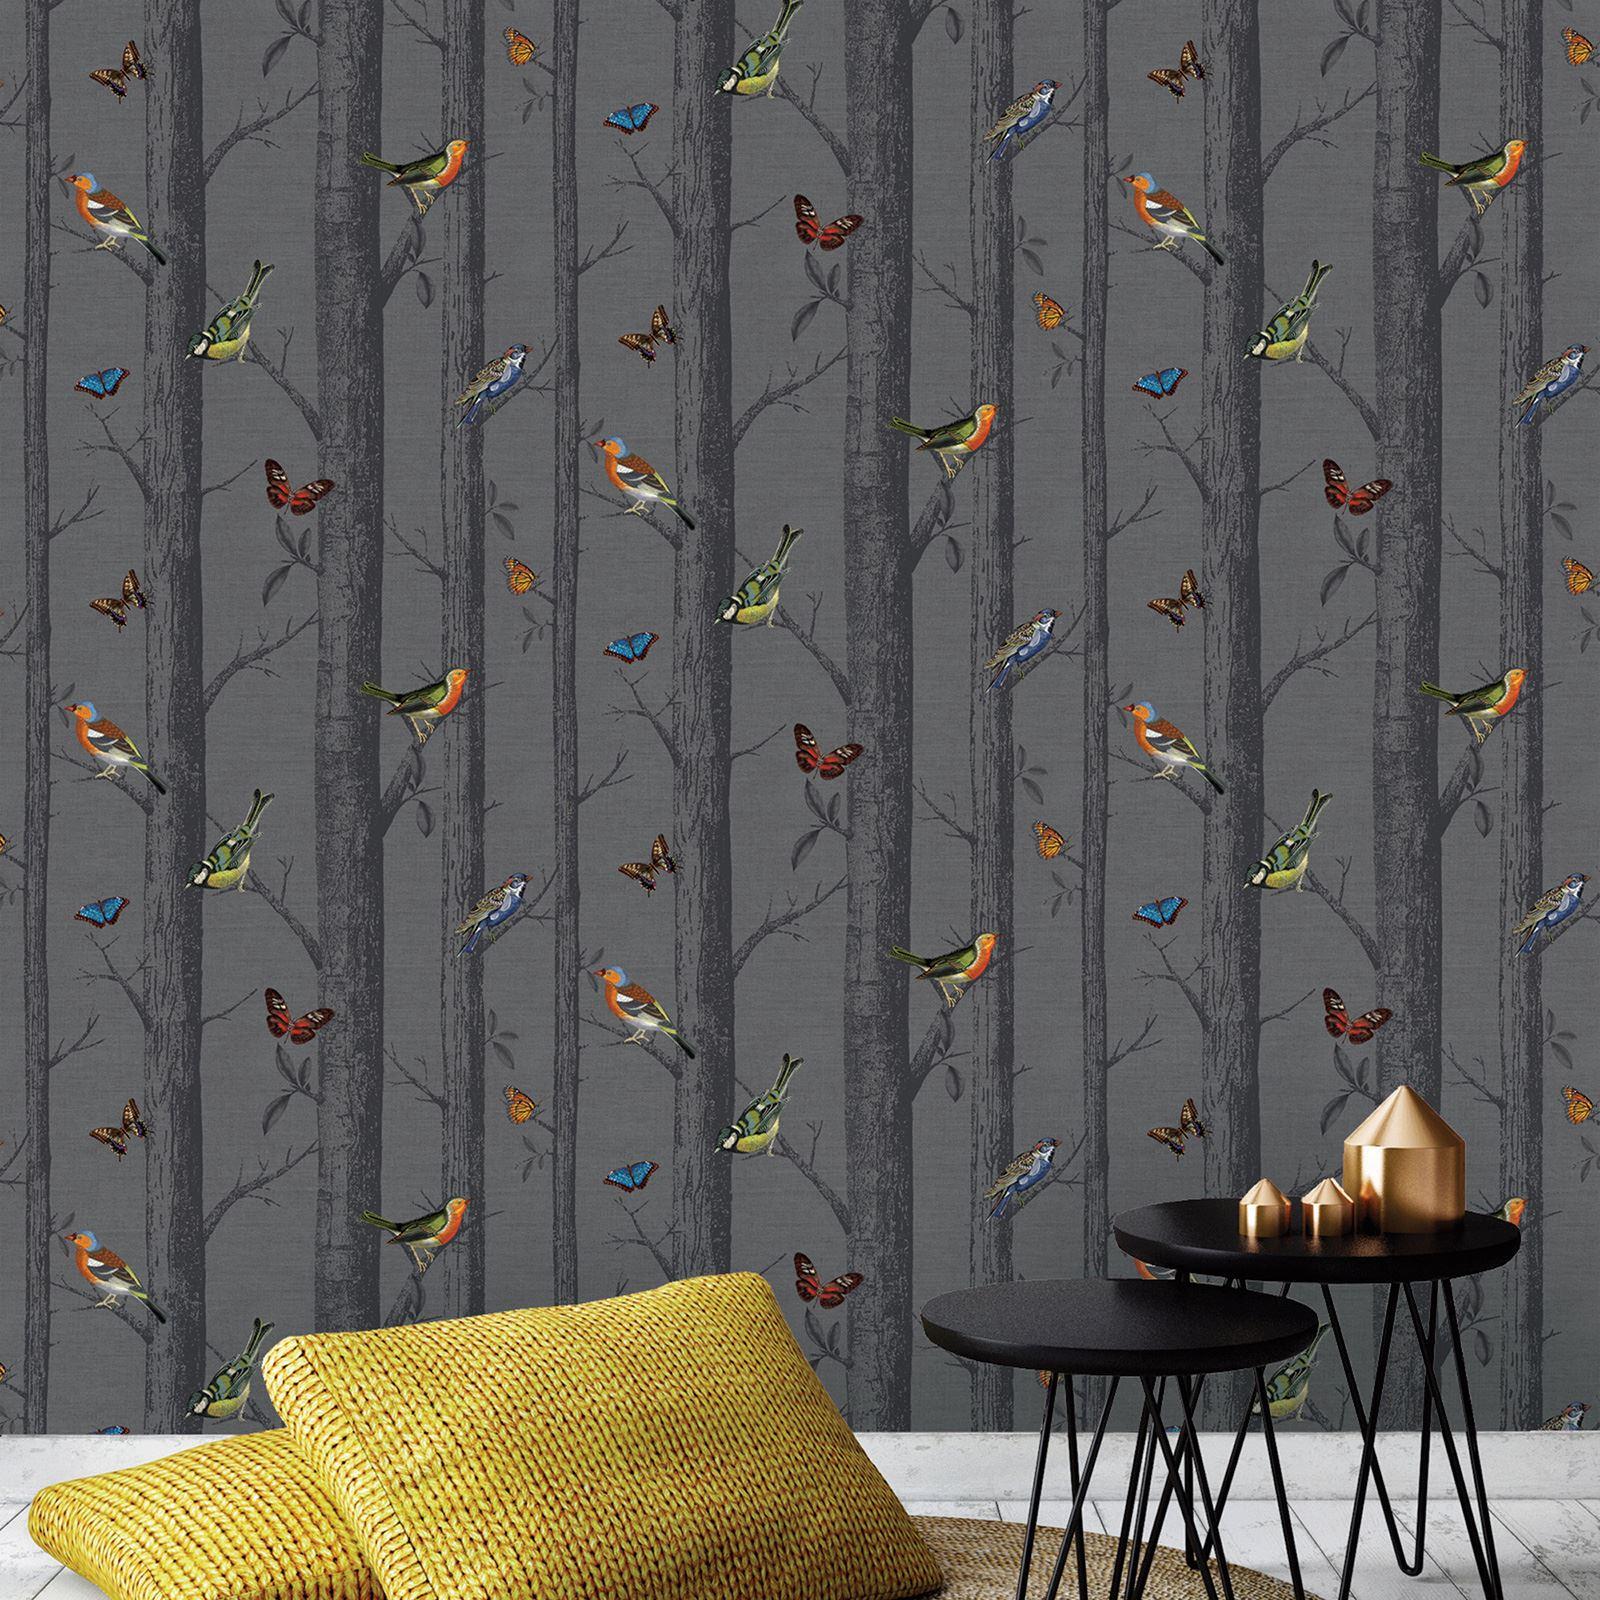 wundersch n v gel themen tapete in verschiedenen designs. Black Bedroom Furniture Sets. Home Design Ideas